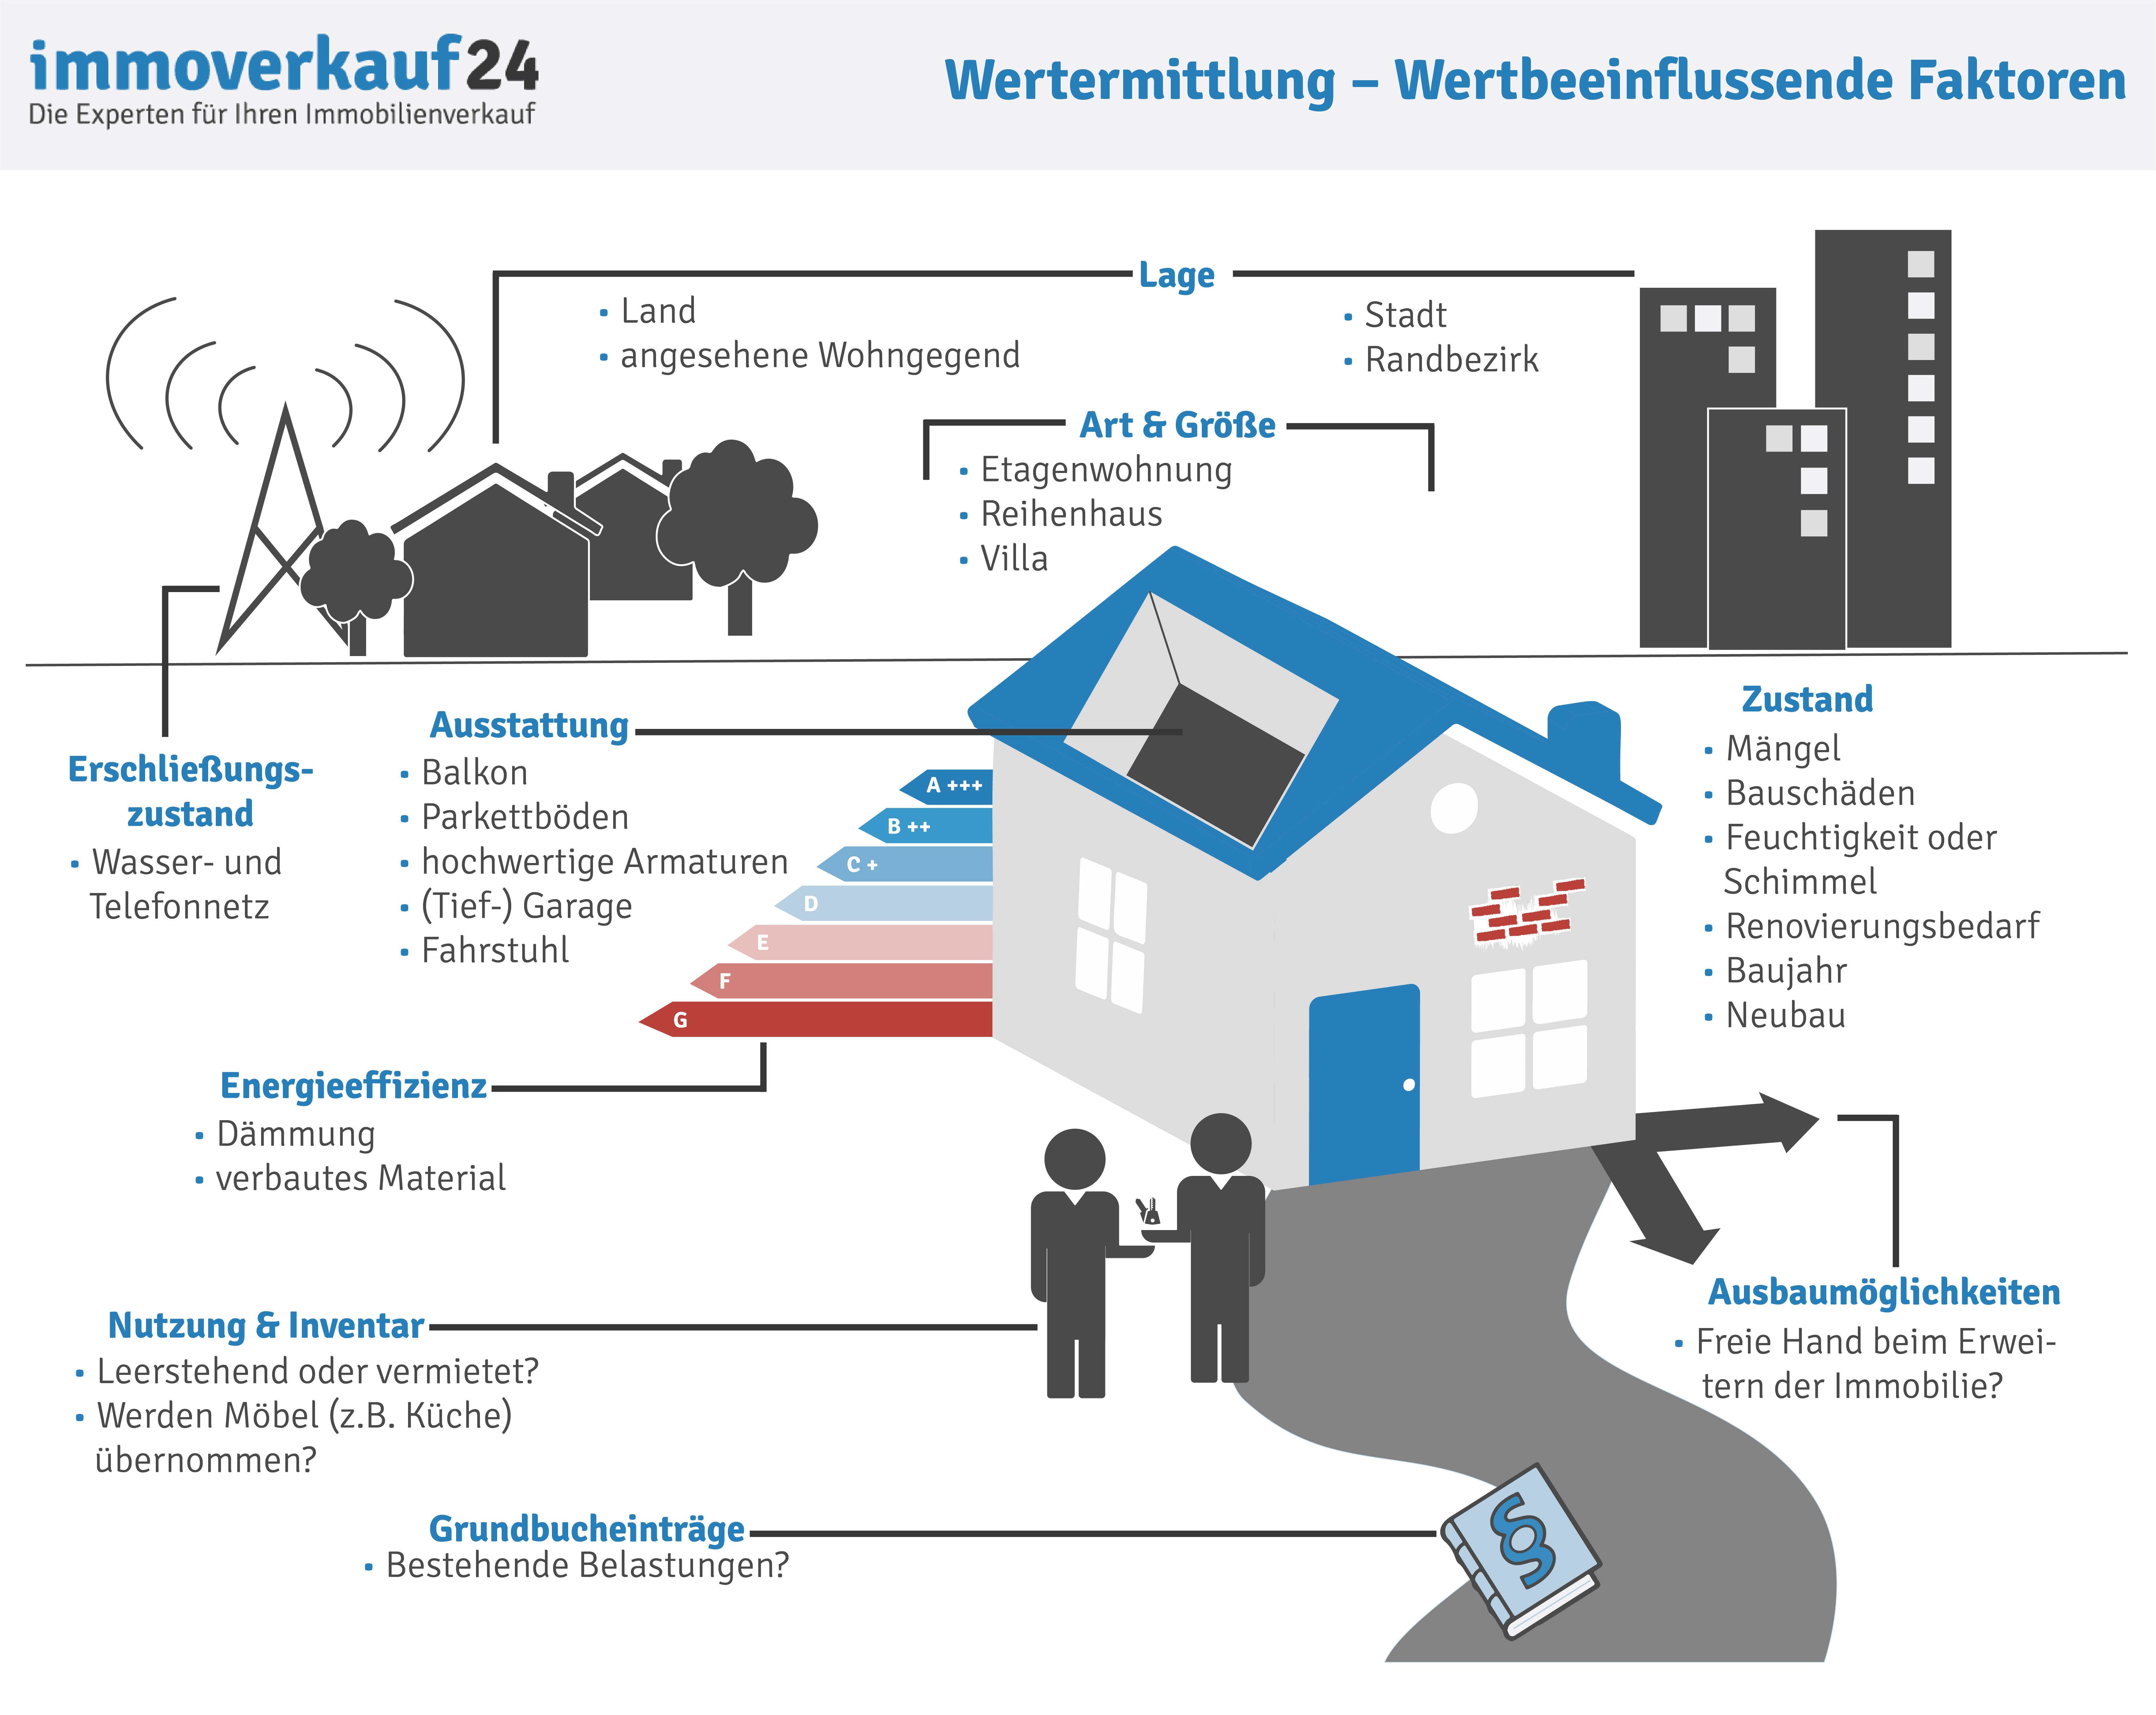 Wertermittlung Immobilie Verfahren Kriterien